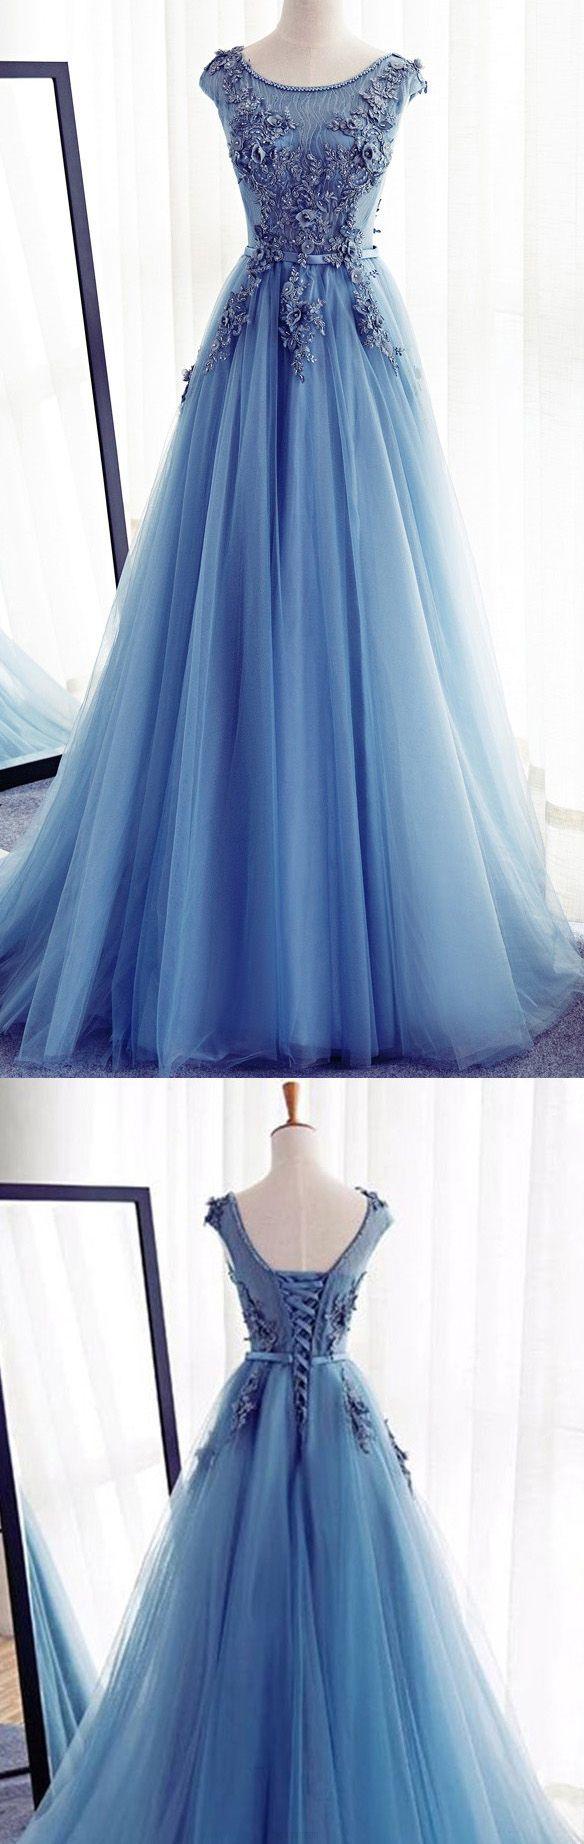 Long A-line/Princess Prom Dresses, Blue Sleeveless With Applique ...